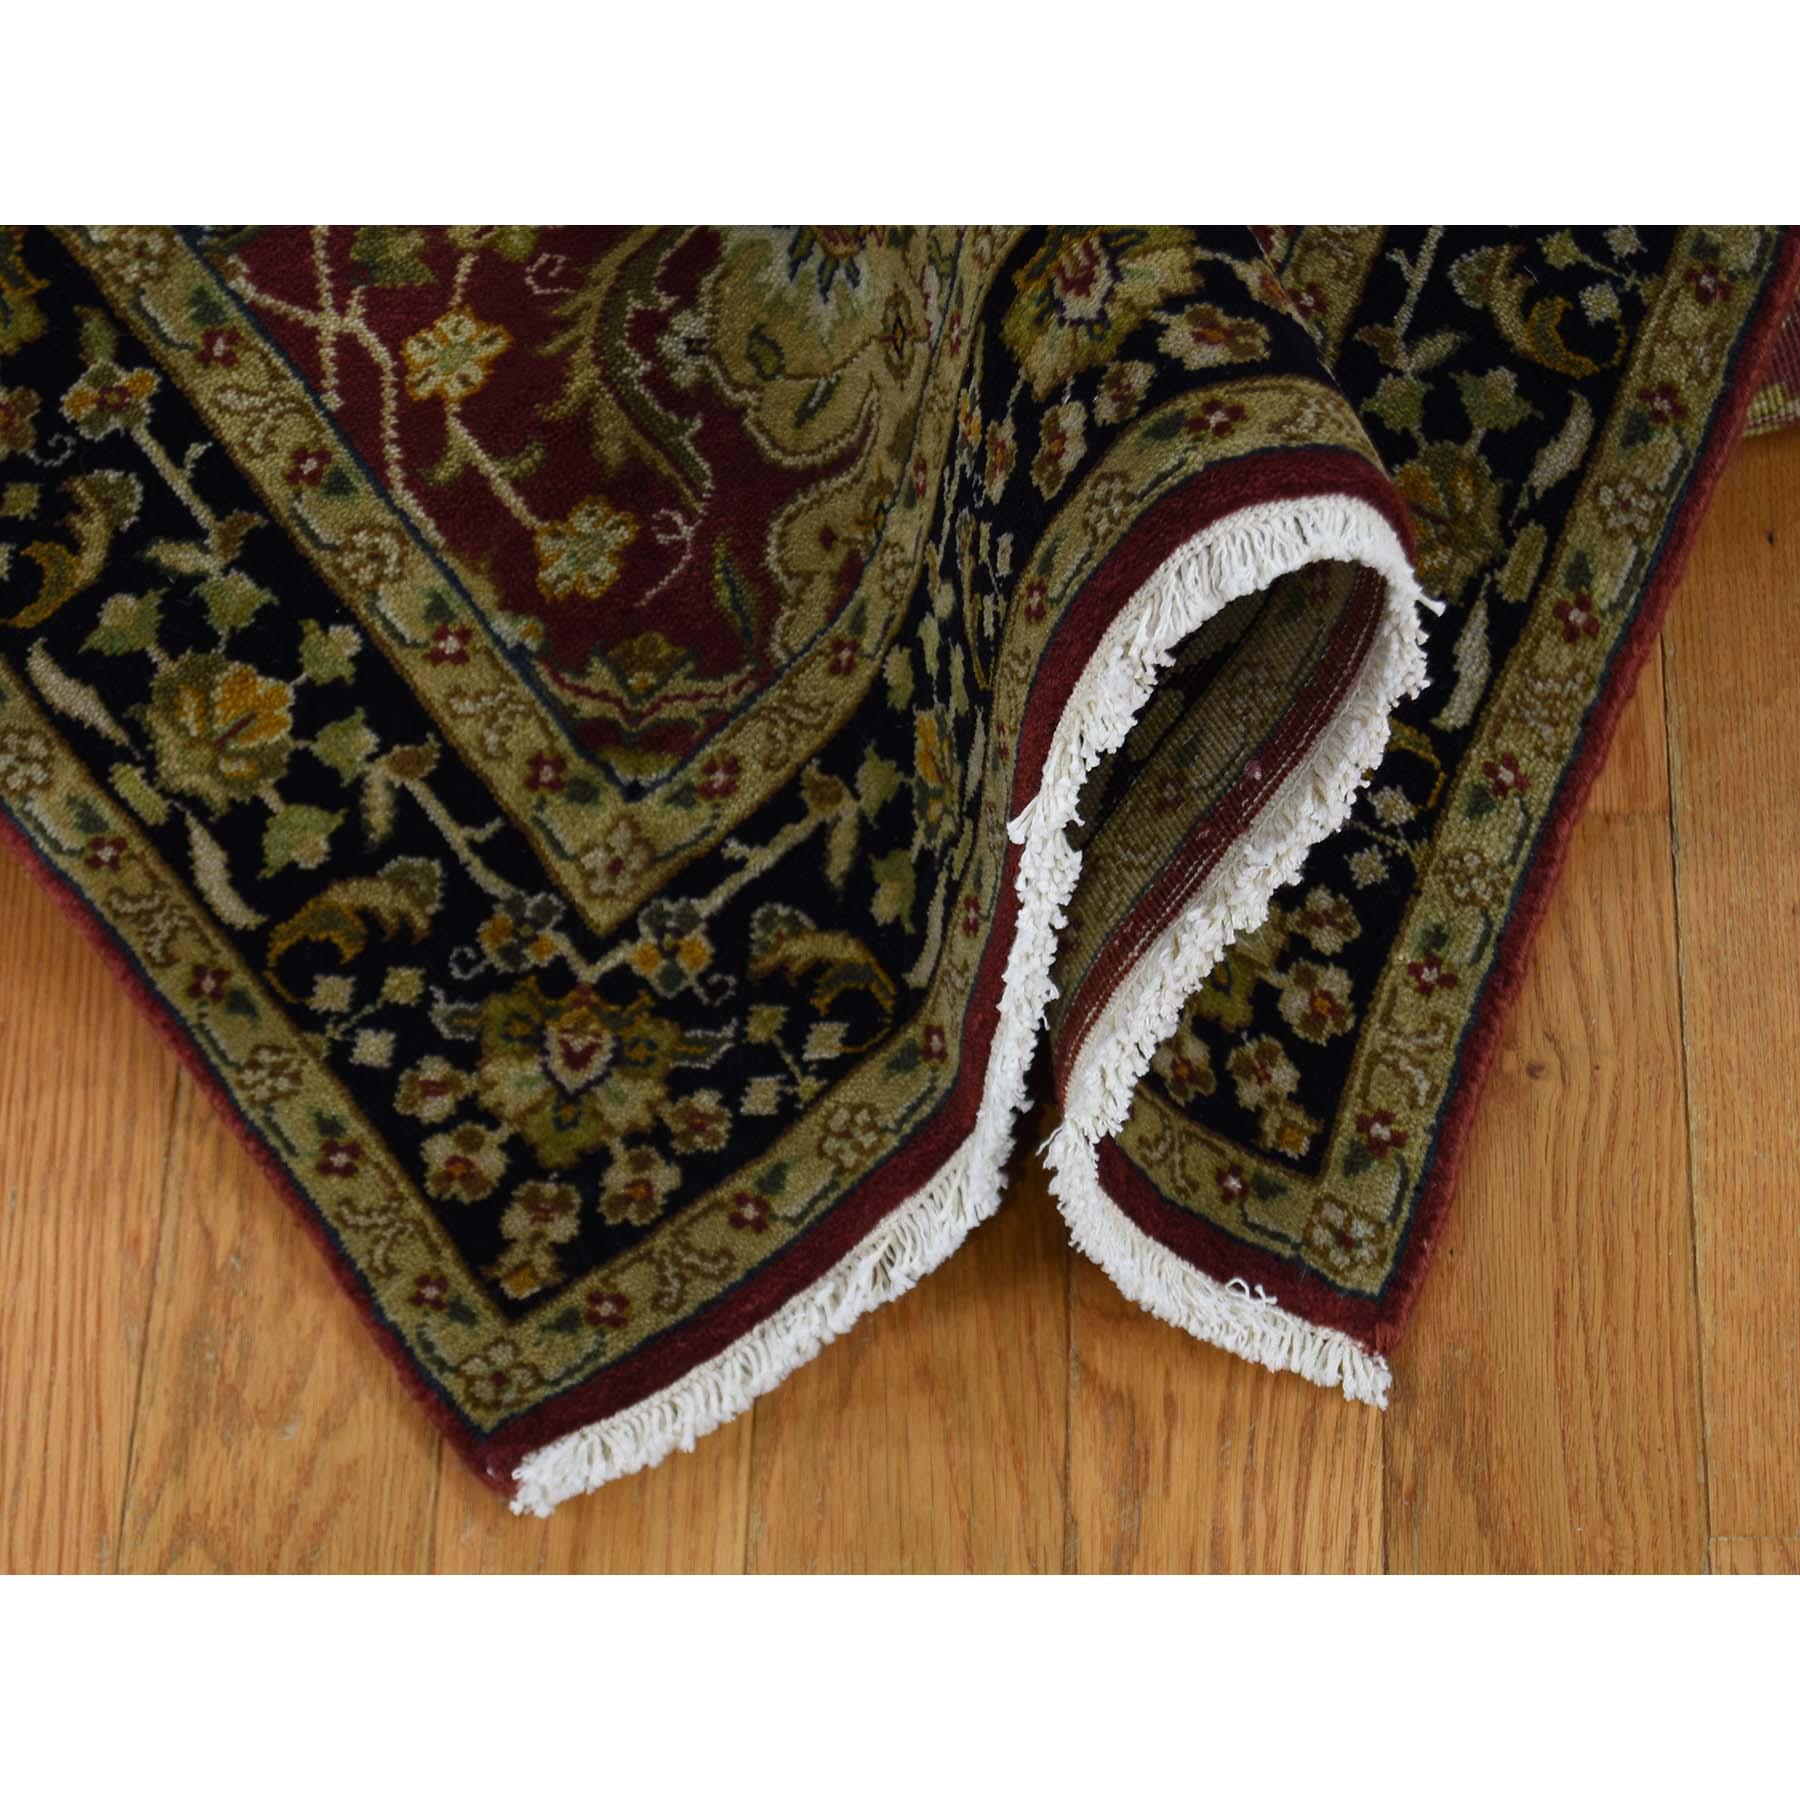 2-6 x12- Runner 300 KPSI Kashan Revival New Zealand Wool Oriental Rug